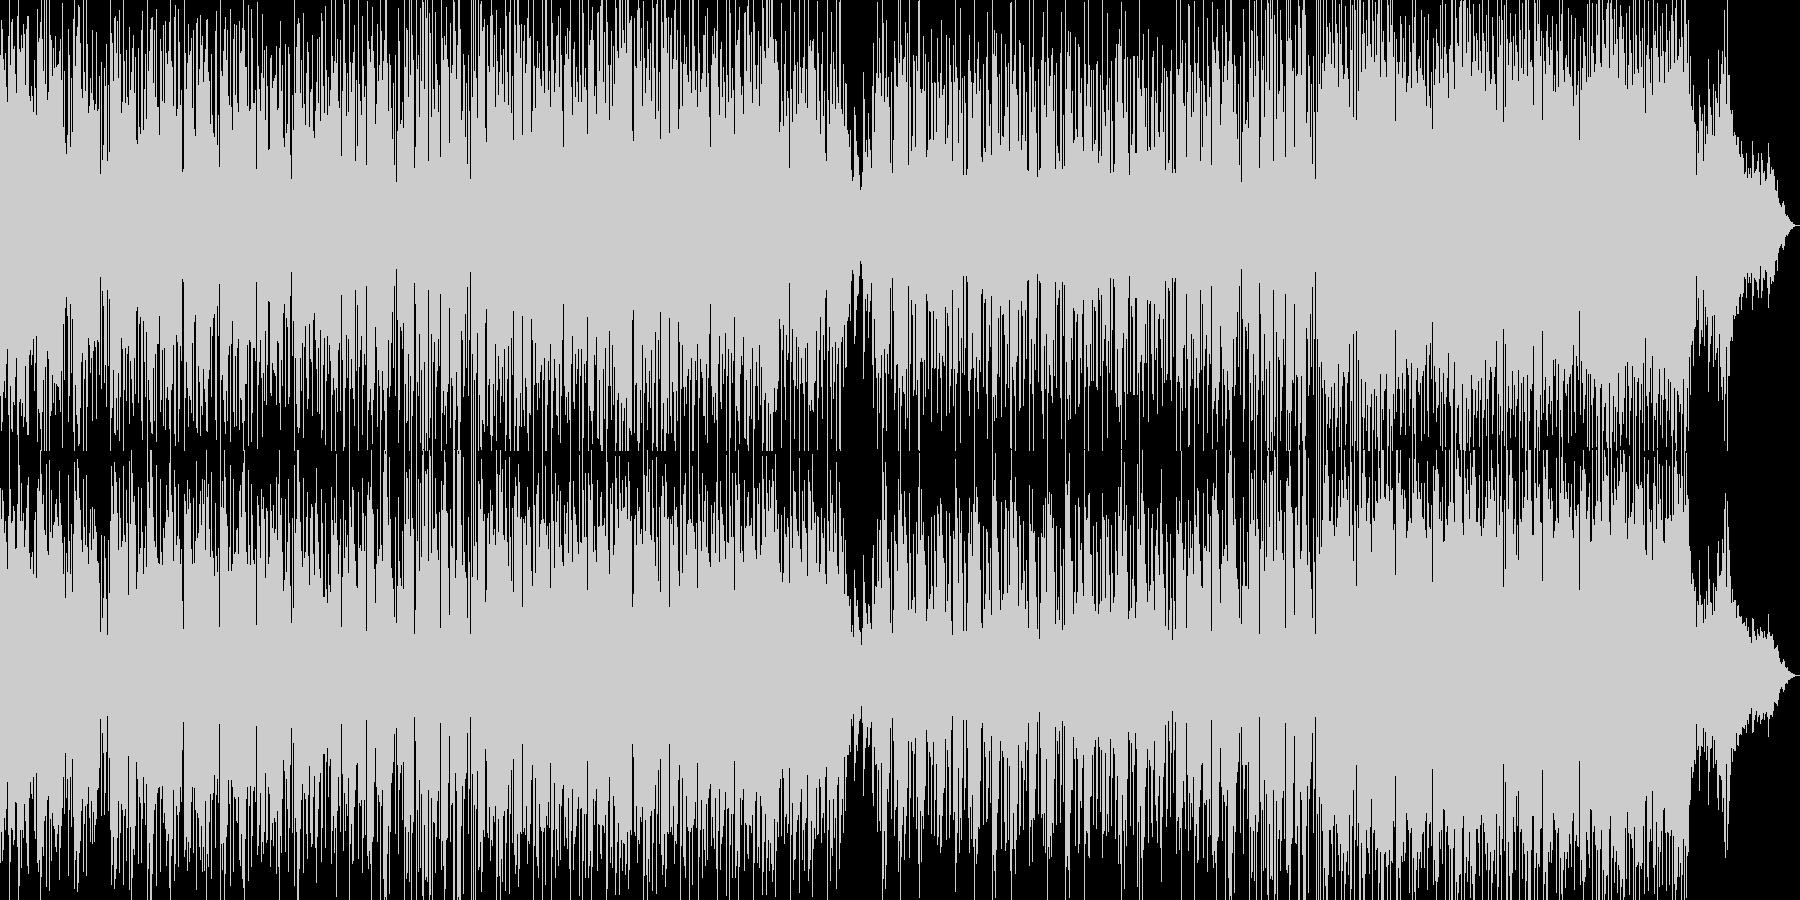 高音質♪和風アジア風琴と笛の曲の未再生の波形